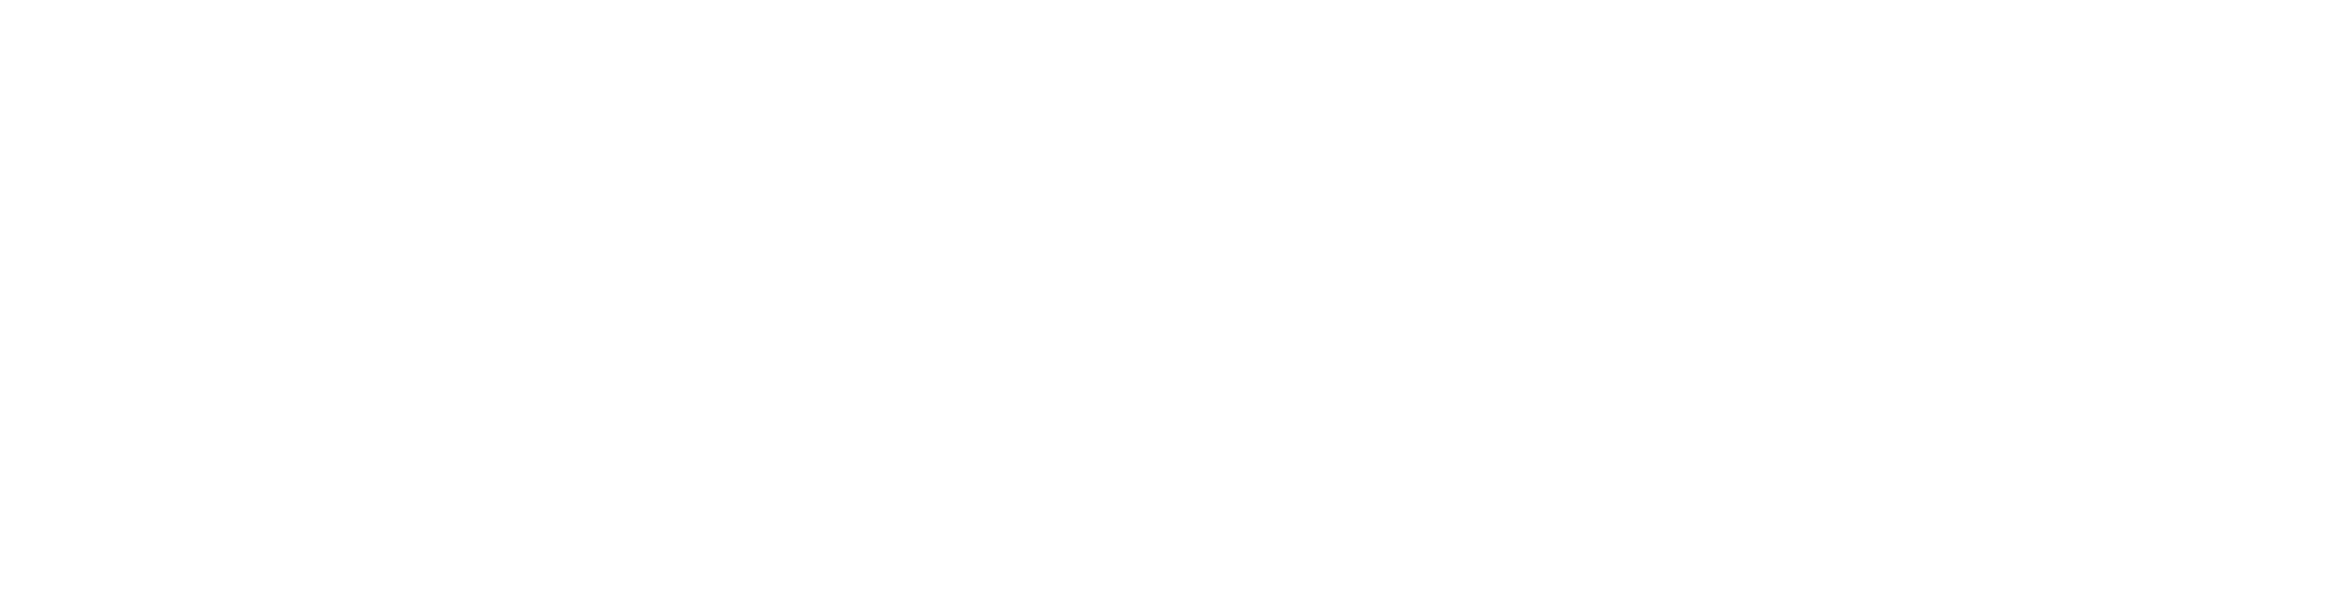 NovaPoints-WebBanner landing-02